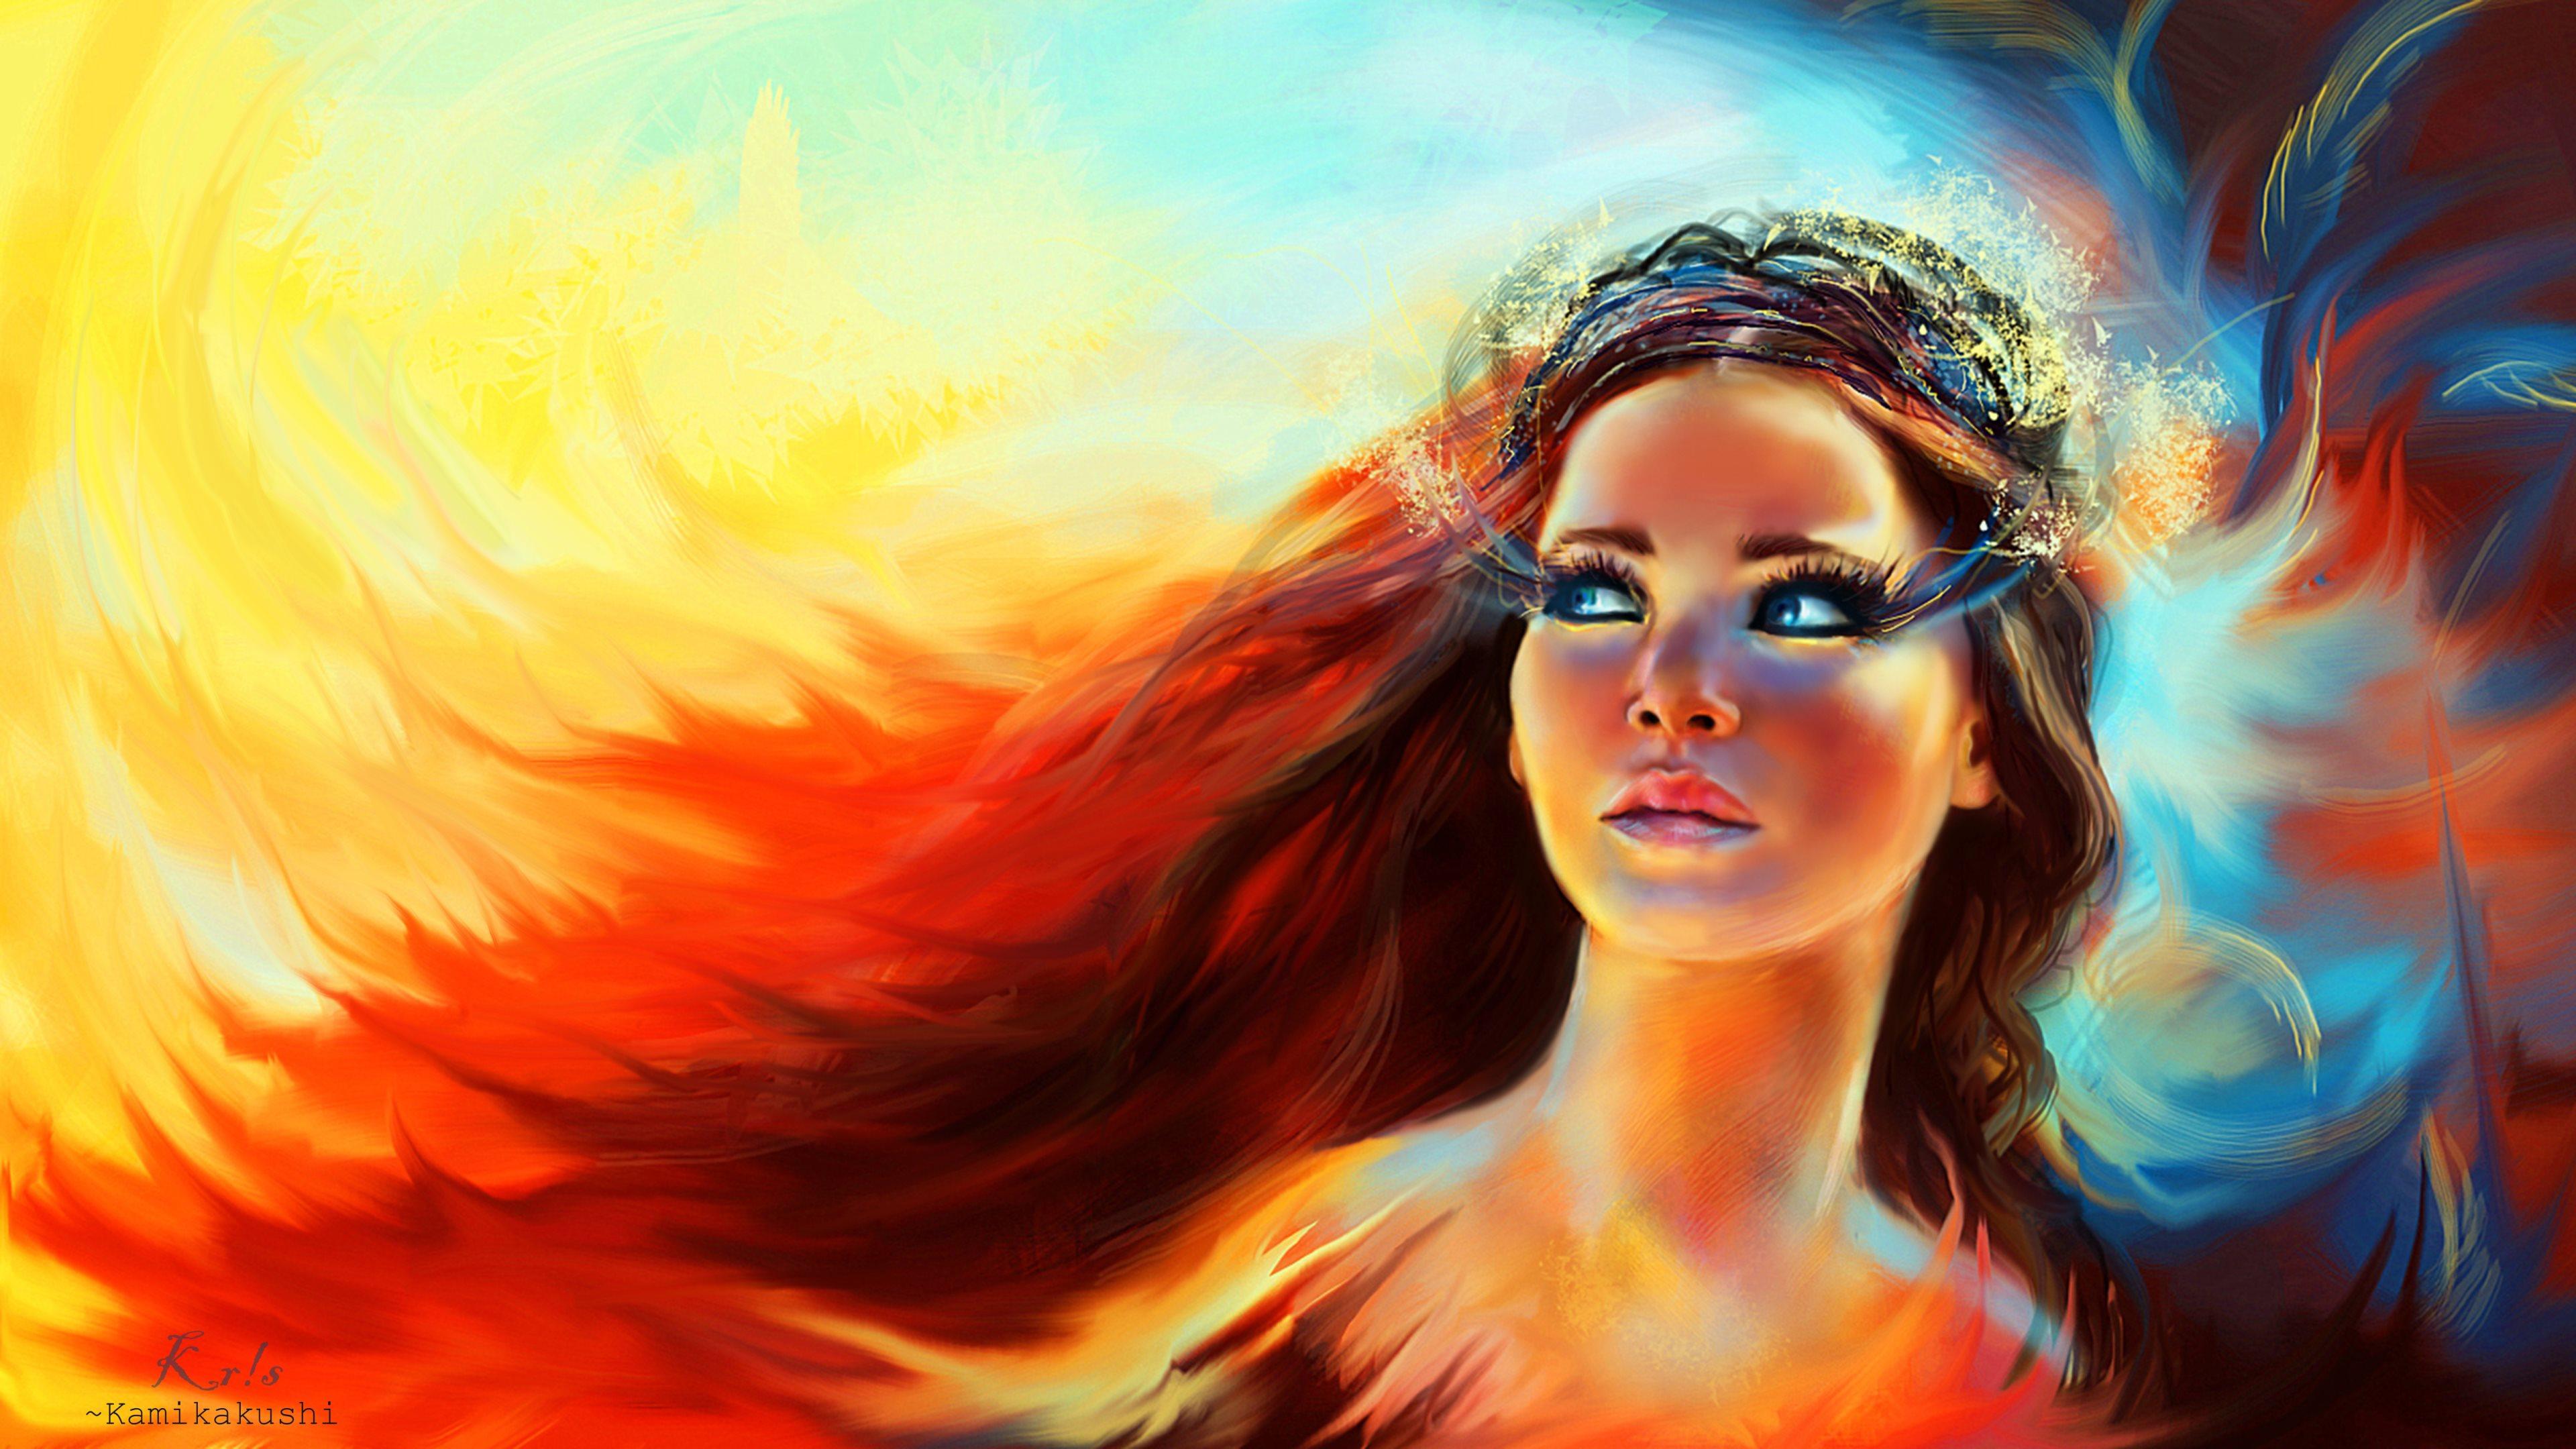 Fan Art  Katniss Everdeen from Catching fire   Digital Art - PaintingKatniss Everdeen Fan Art